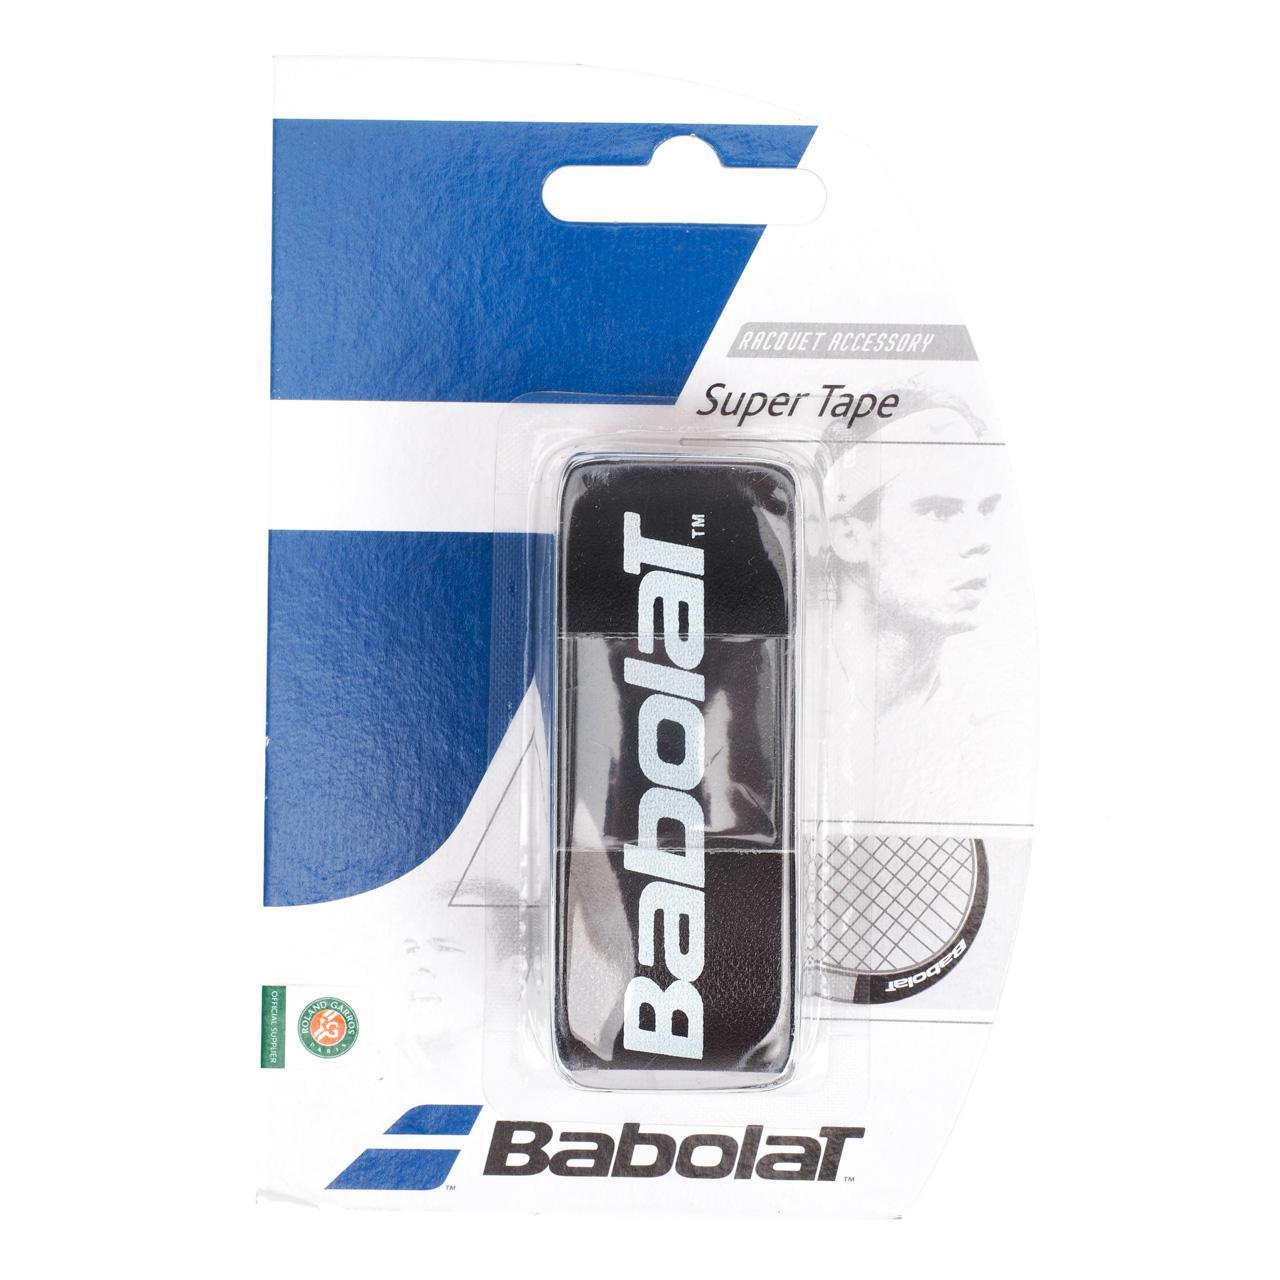 Protection-de-raquette-tennis-Babolat-Super-tape-noir-Noir-14136-Neuf